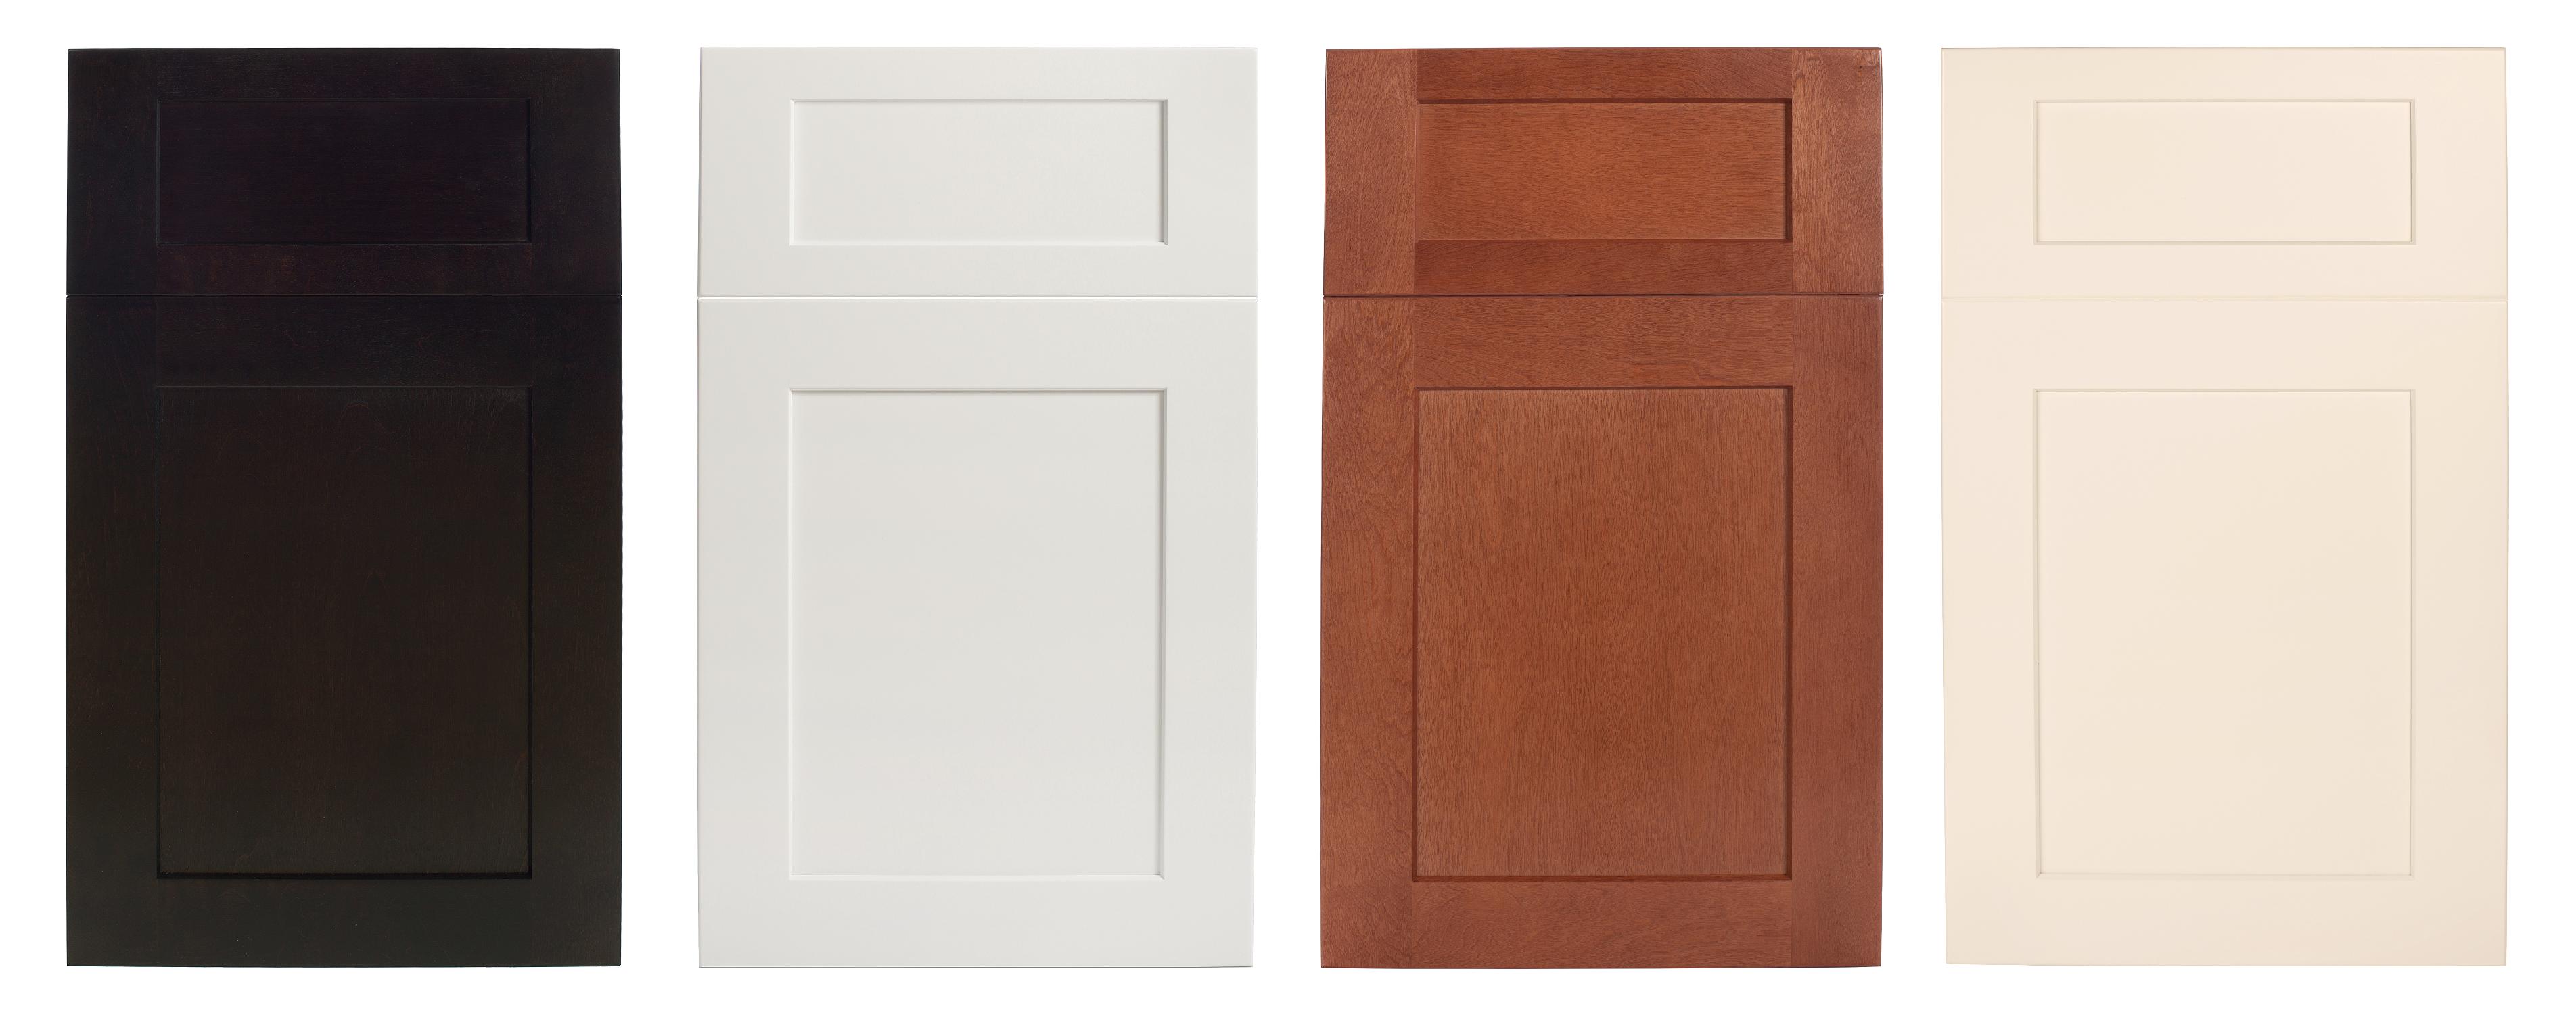 Espresso Linen Cabinet